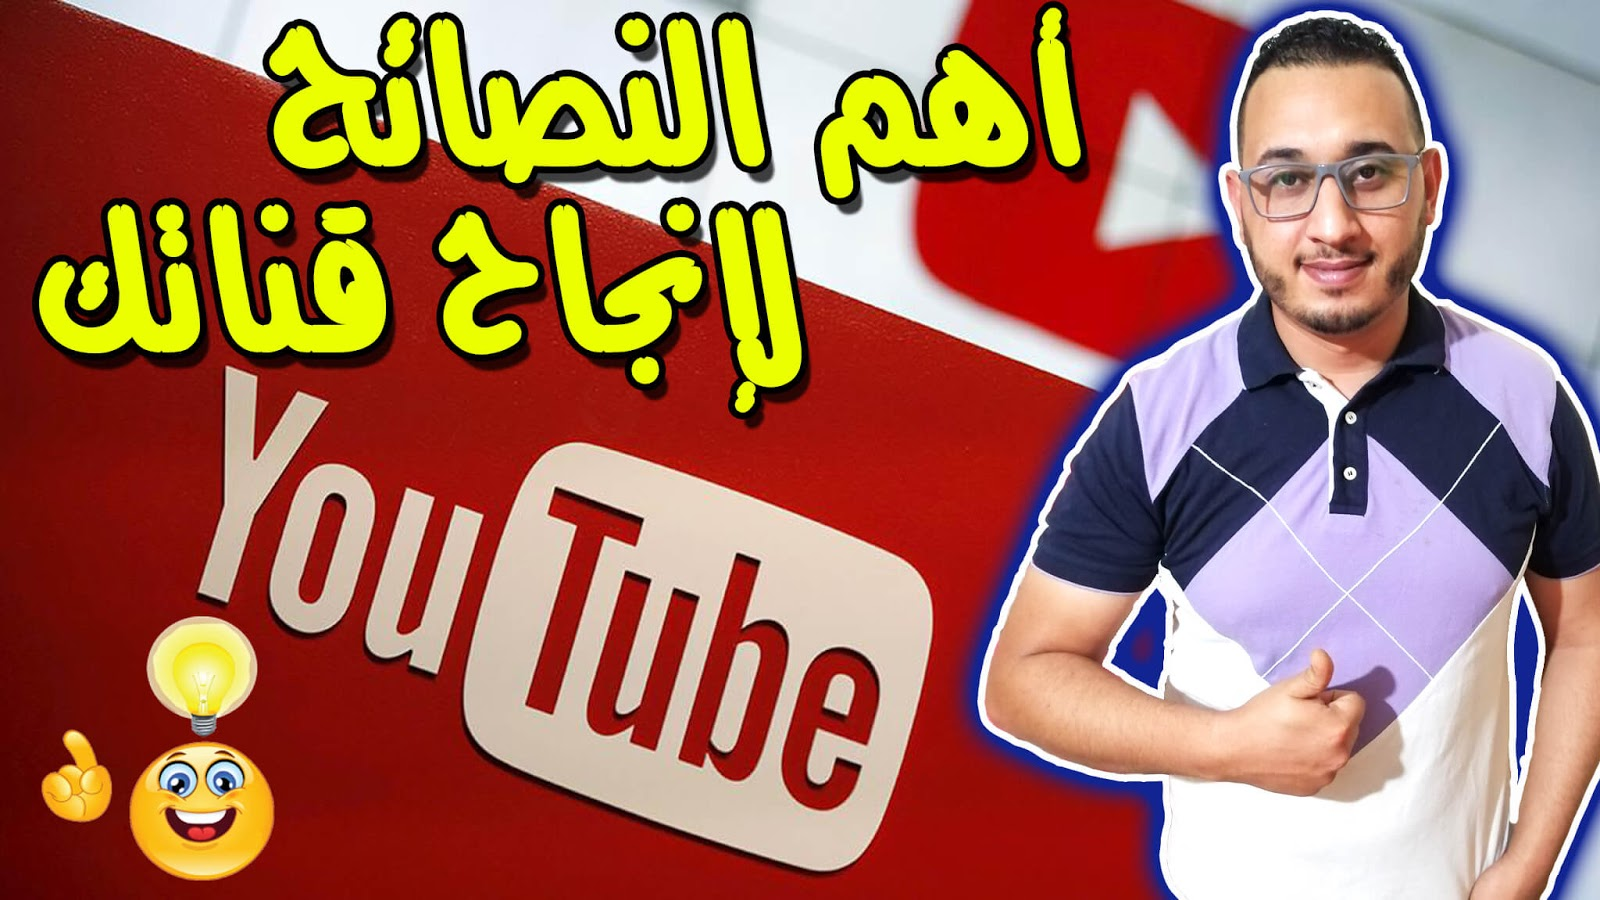 أهم النصائح لإنشاء قناة يوتوب ناجحة بالطريقة الصحيحة